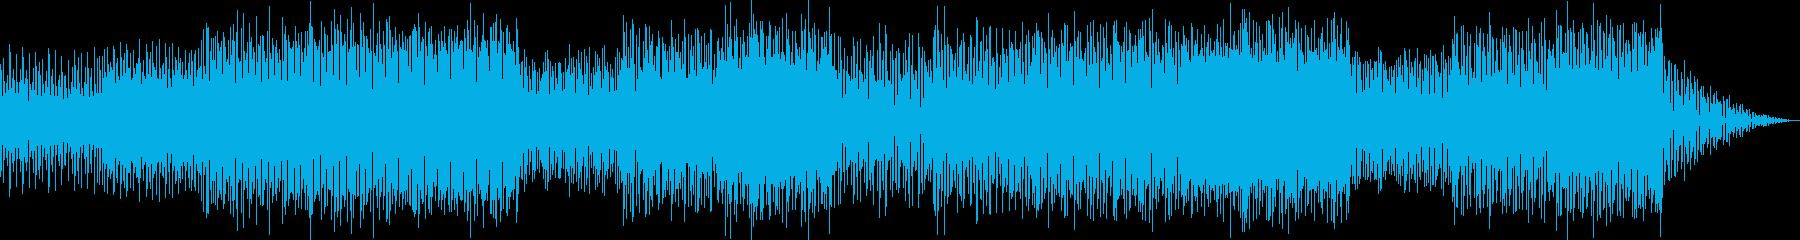 頭脳系バトルな雰囲気のクールEDMの再生済みの波形